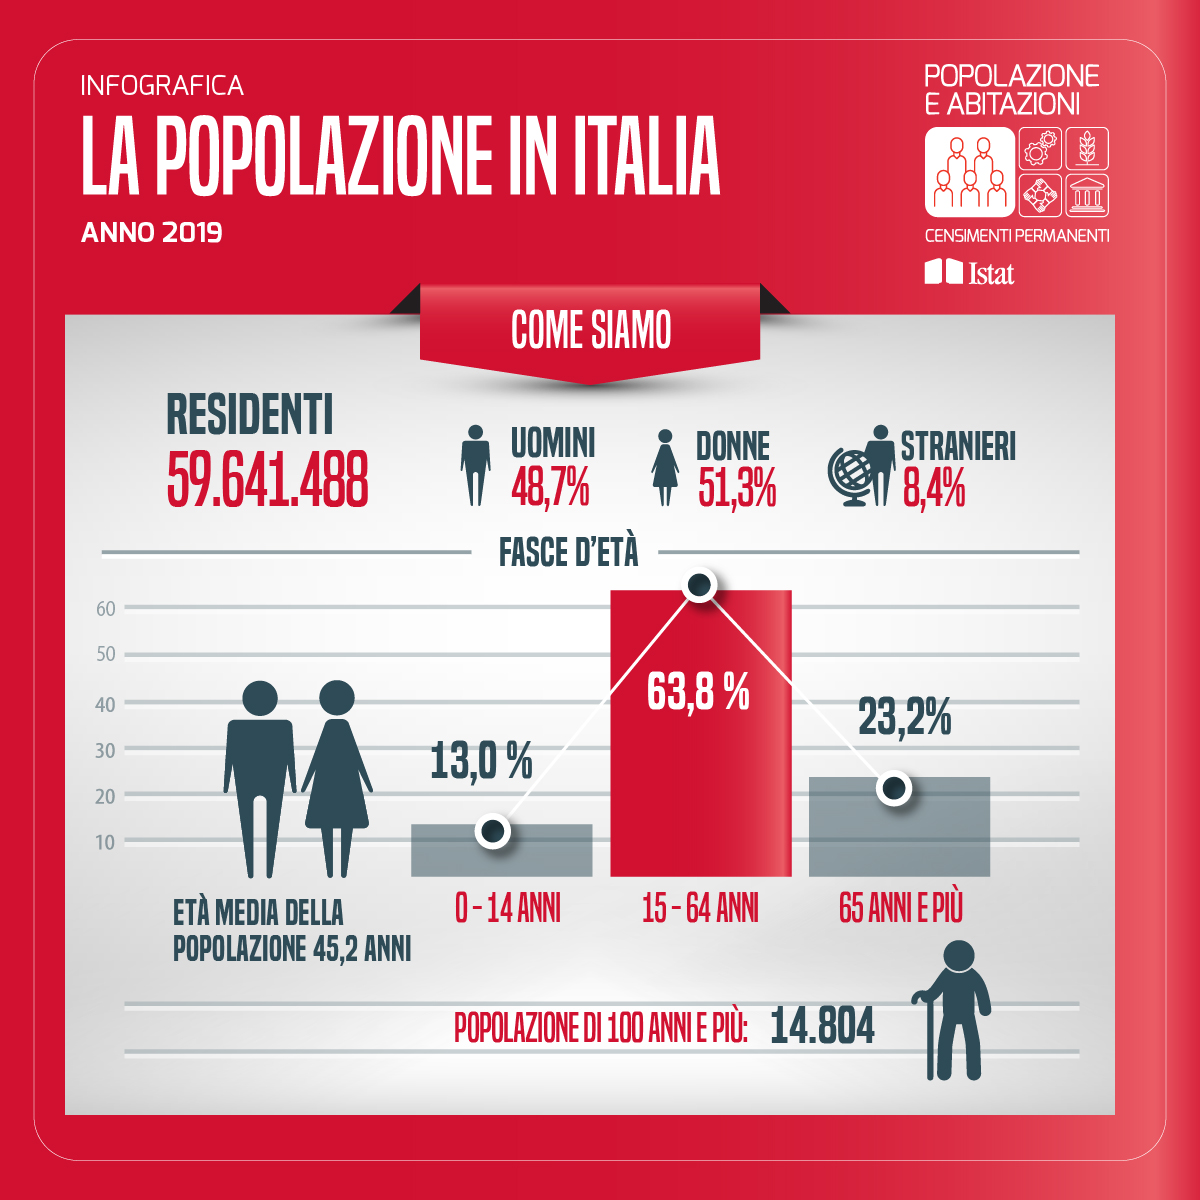 popolazione in italia